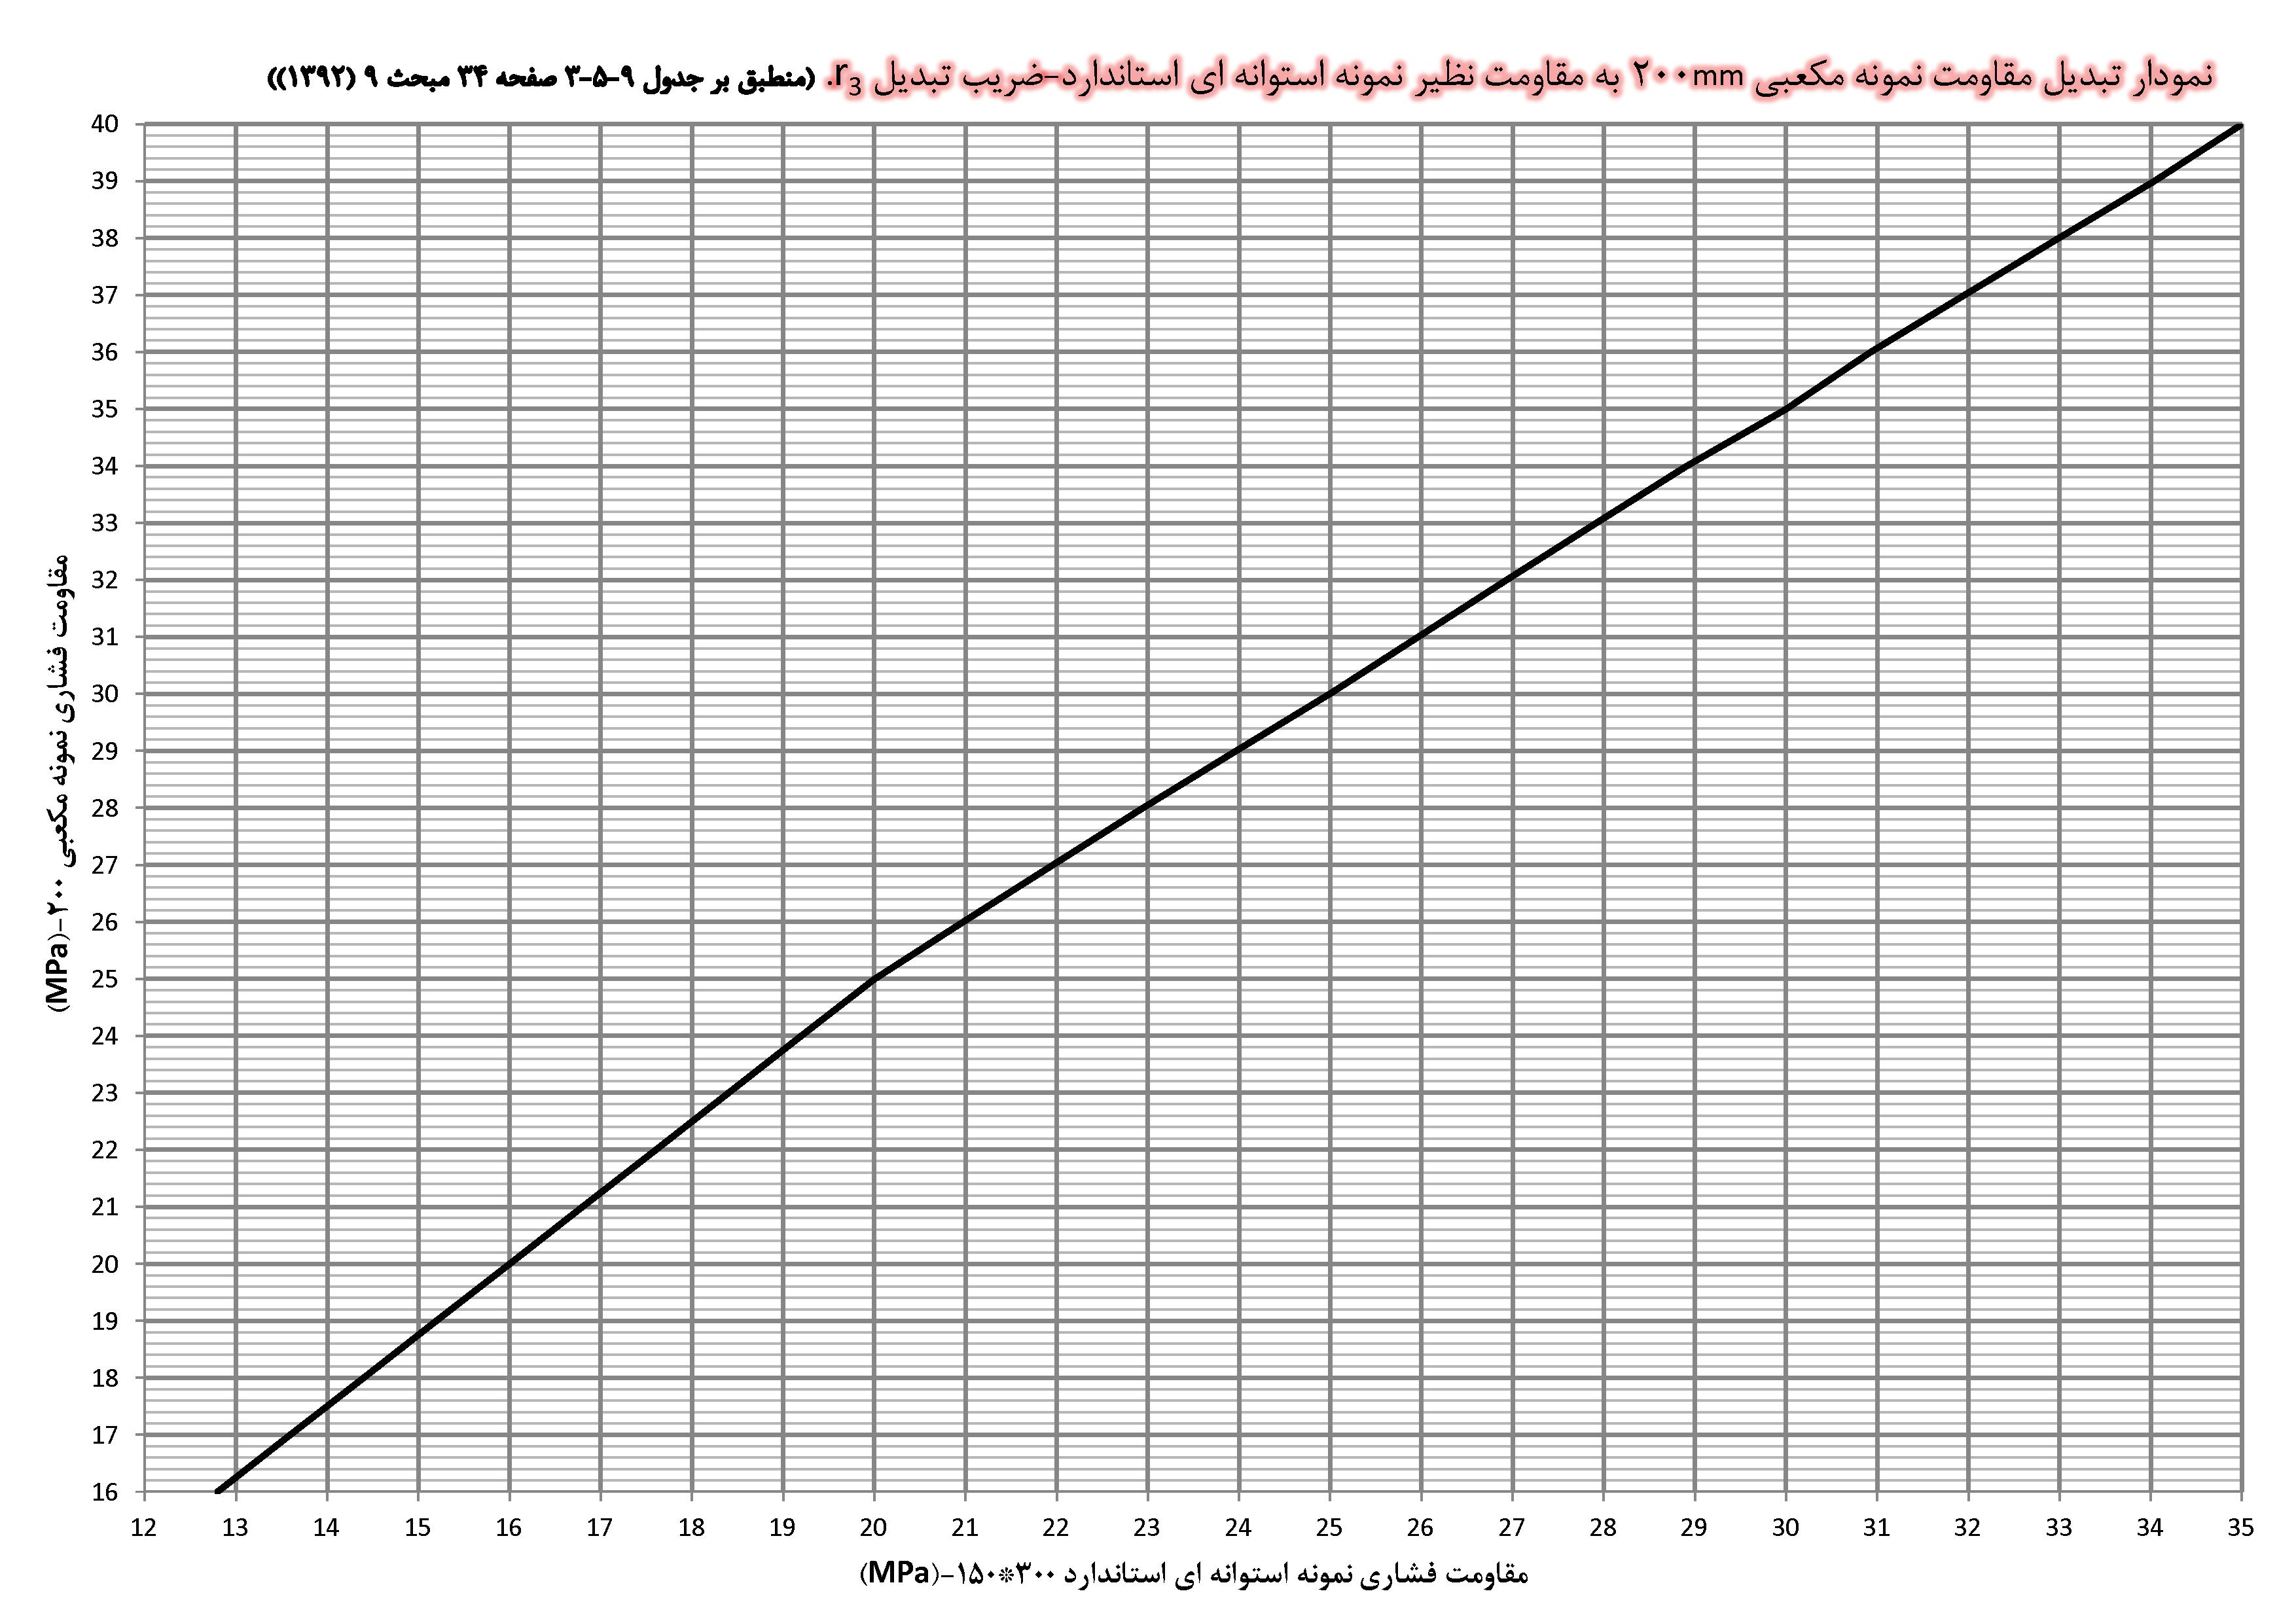 نمودار تبدیل مقاومت نمونه مکعبی 200mm به مقاومت نظیر نمونه استوانه ای استاندارد r3